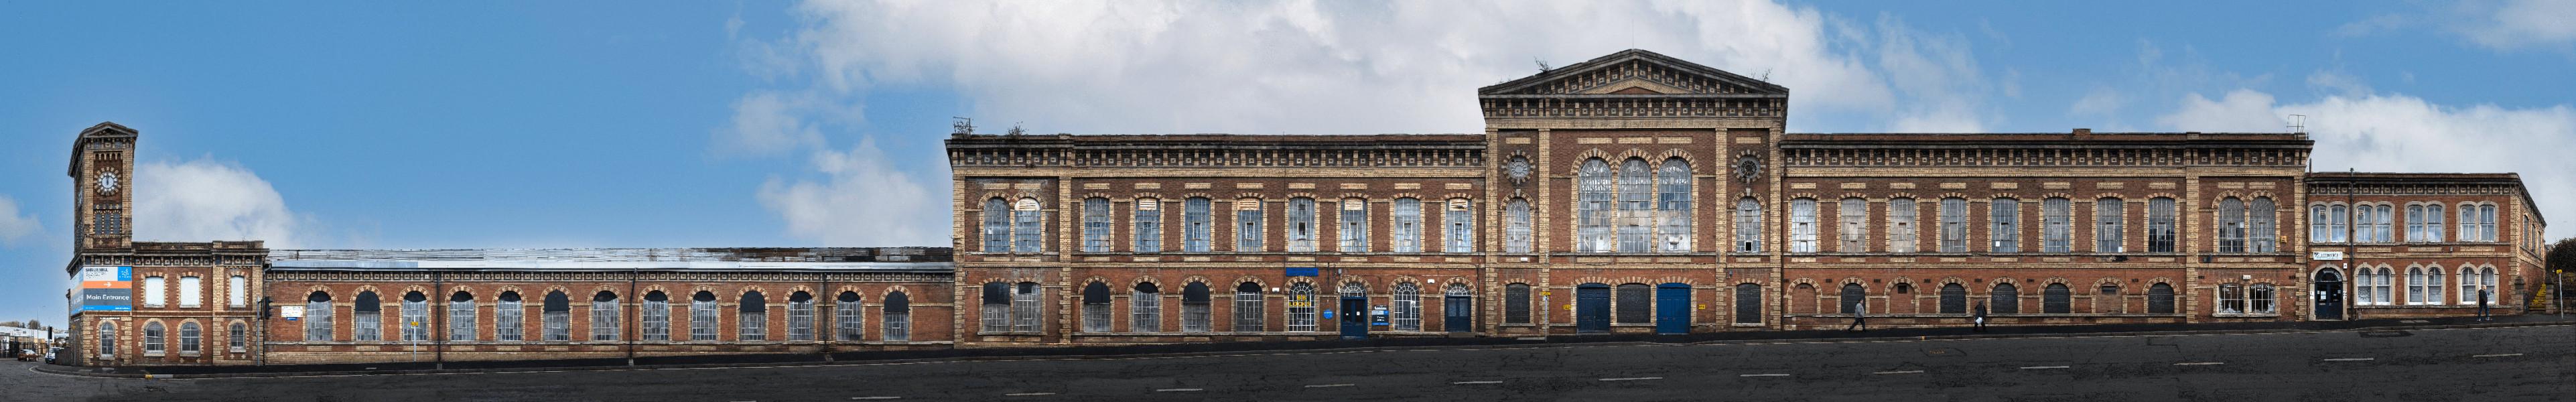 Former Worcester Engine Works   Shrub Hill Road